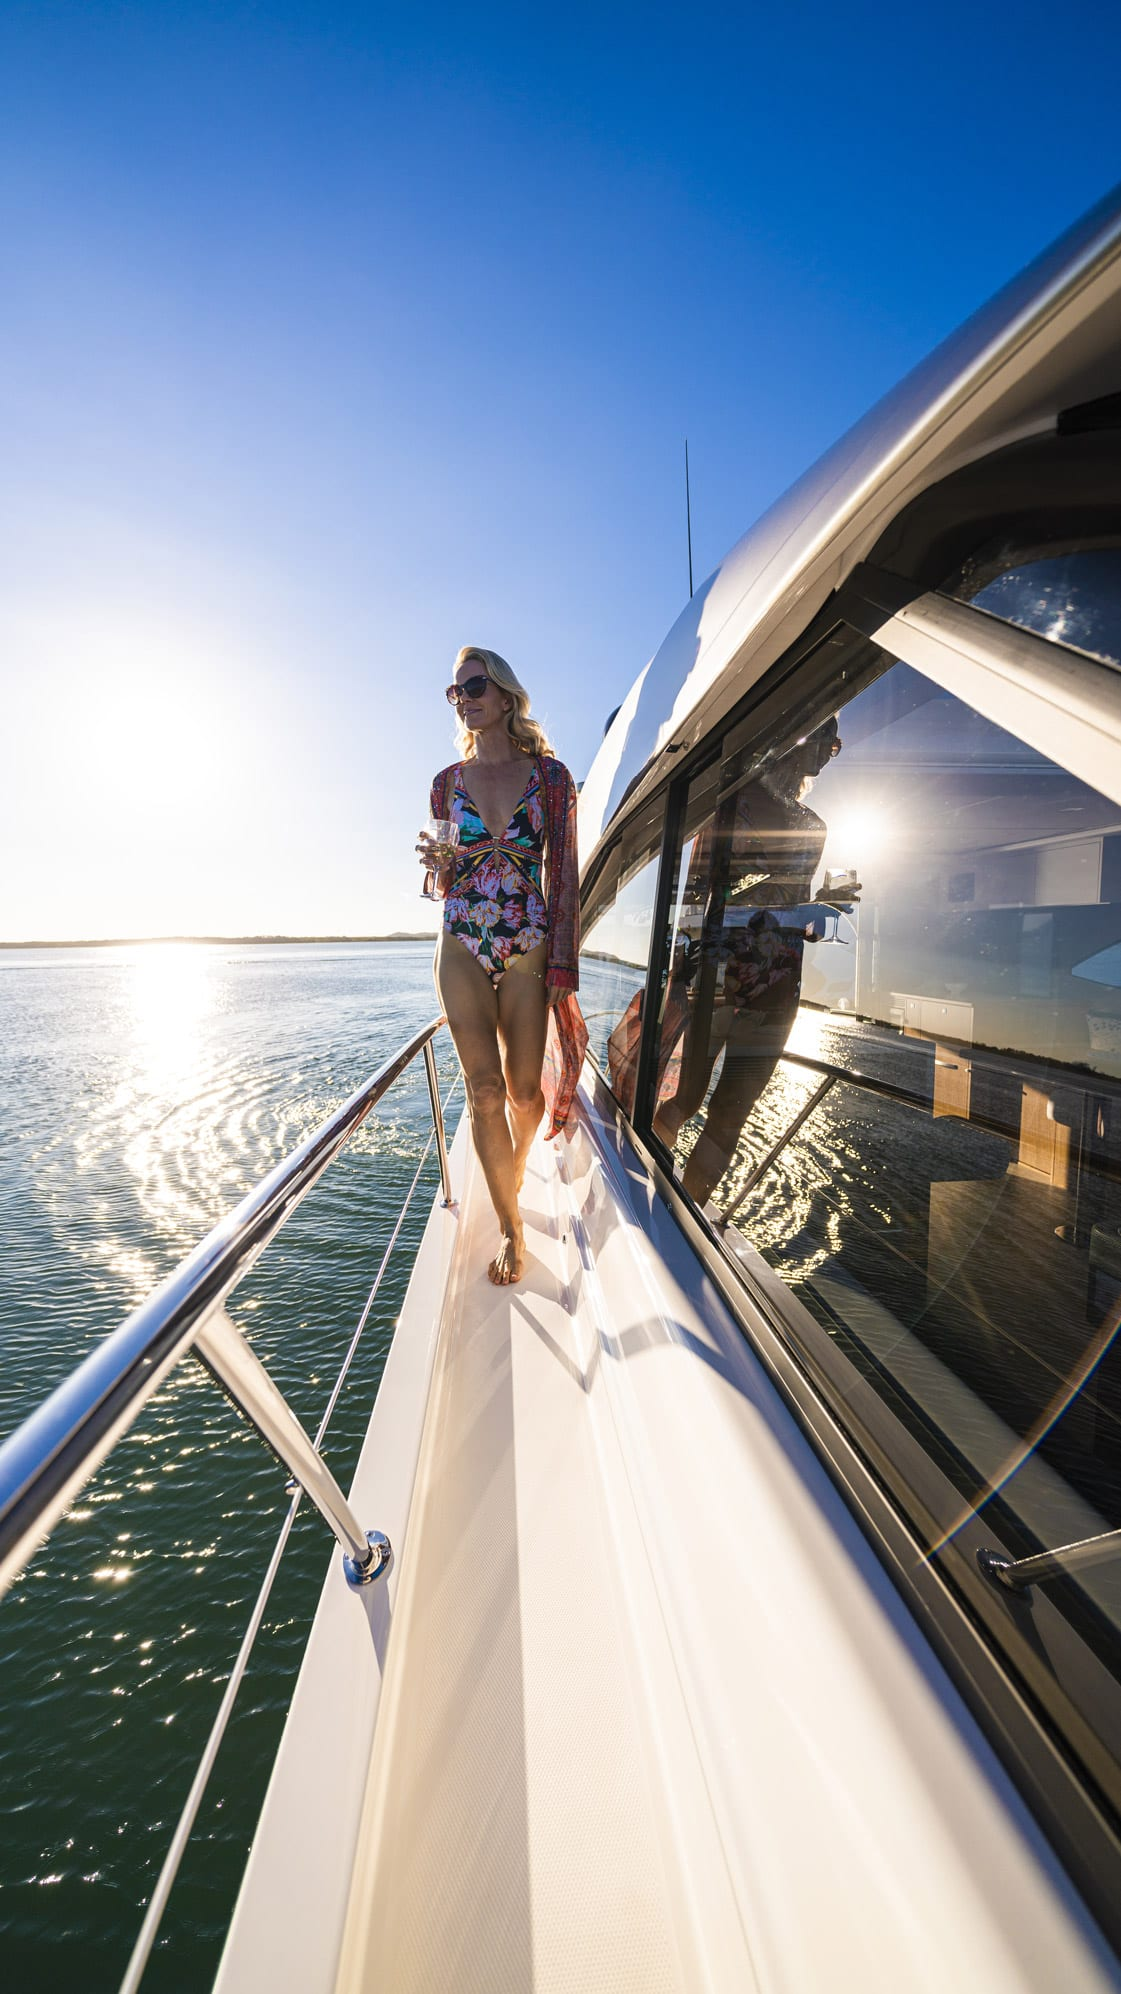 Riviera 5400 Sport Yacht Platinum Edition Side deck 01